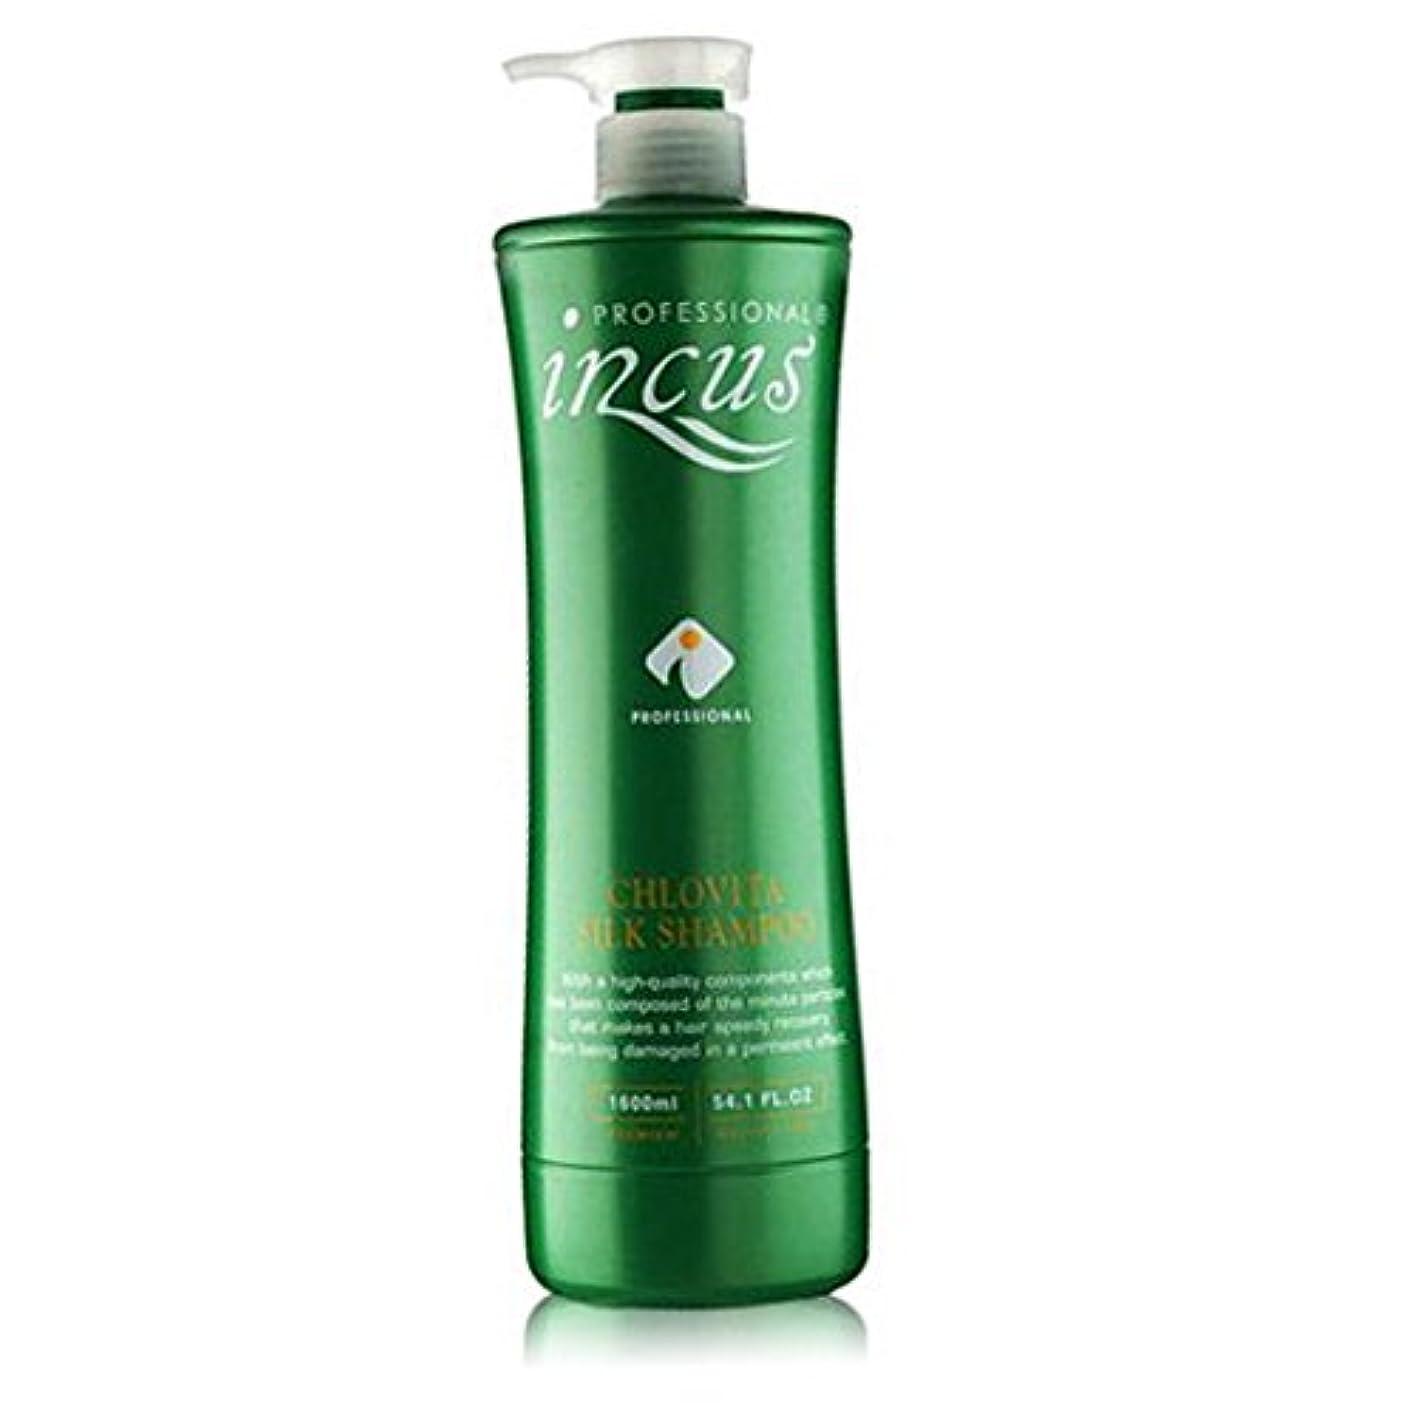 予想外びっくり元に戻す[Somang/希望] Incus Chlovita Silk Shampoo 1500ml/希望のキュスクロヴィータシルクシャンプー (海外直送品)